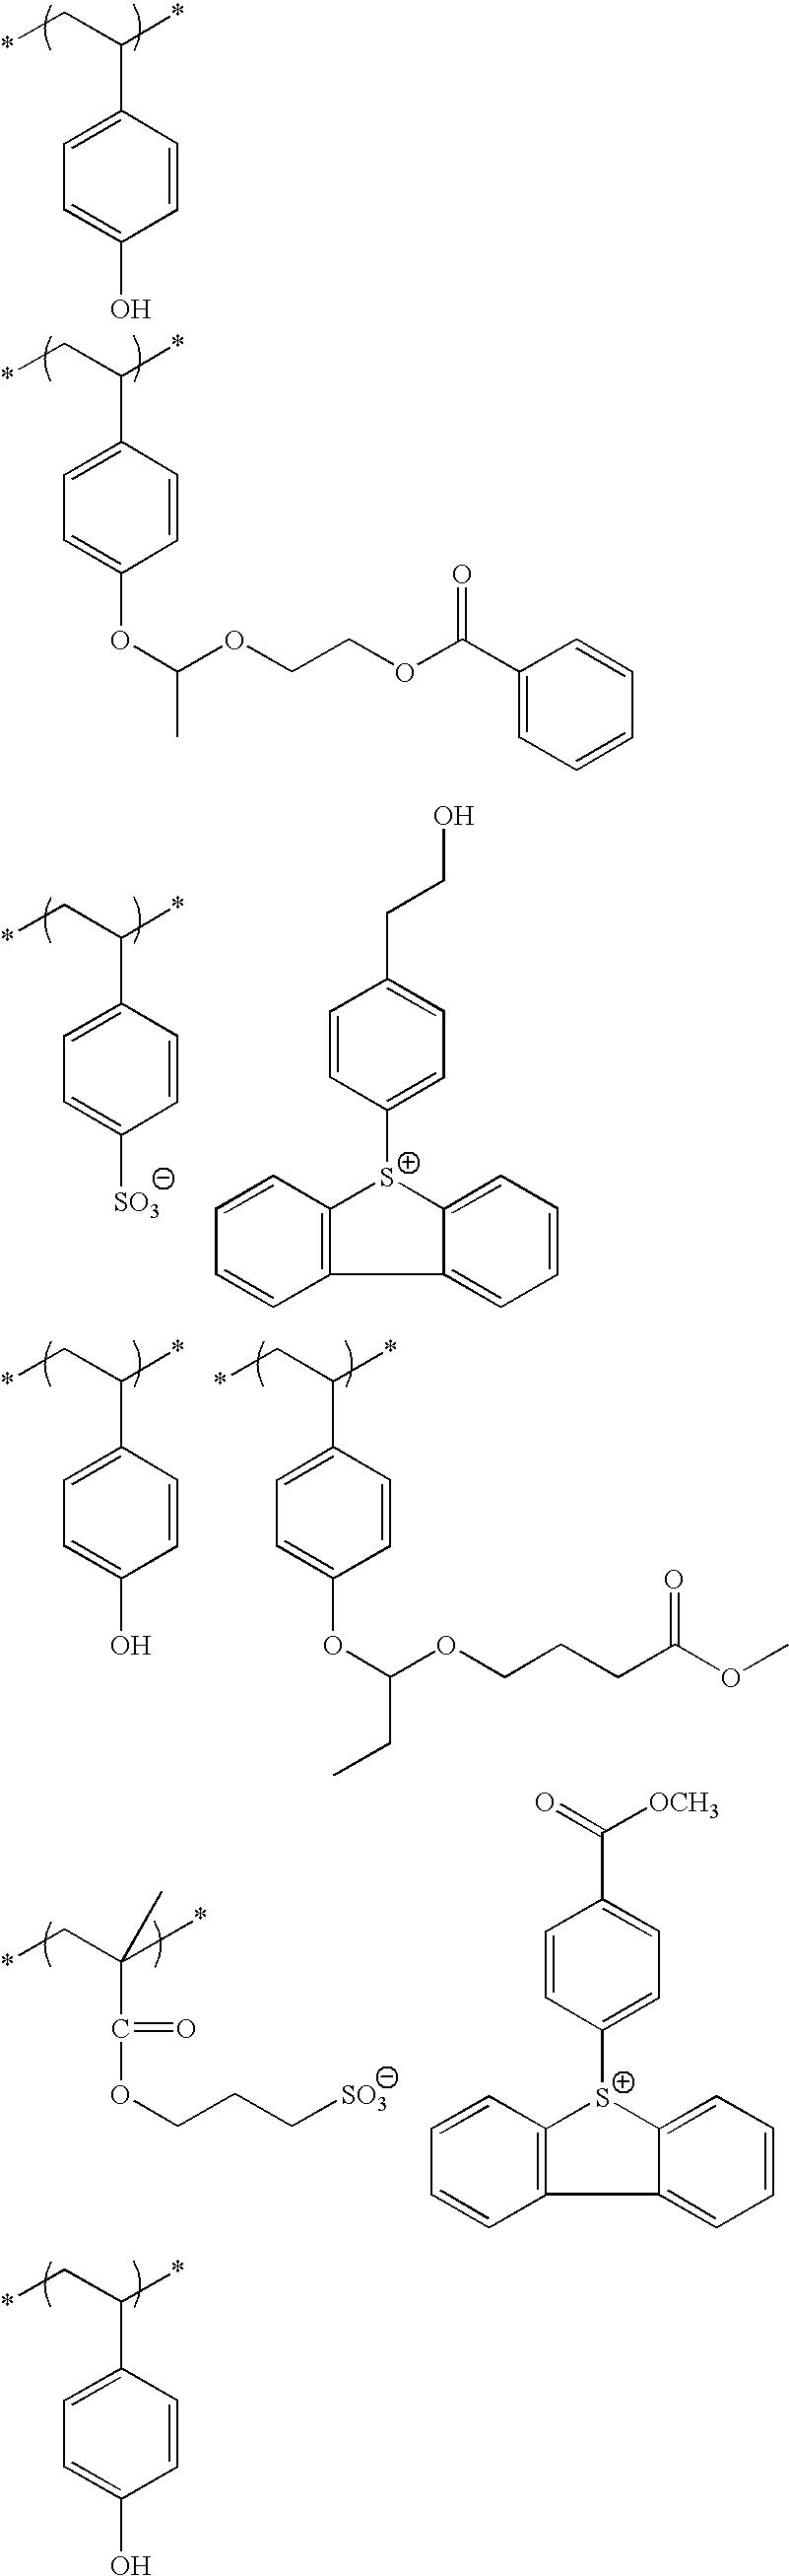 Figure US20100183975A1-20100722-C00169